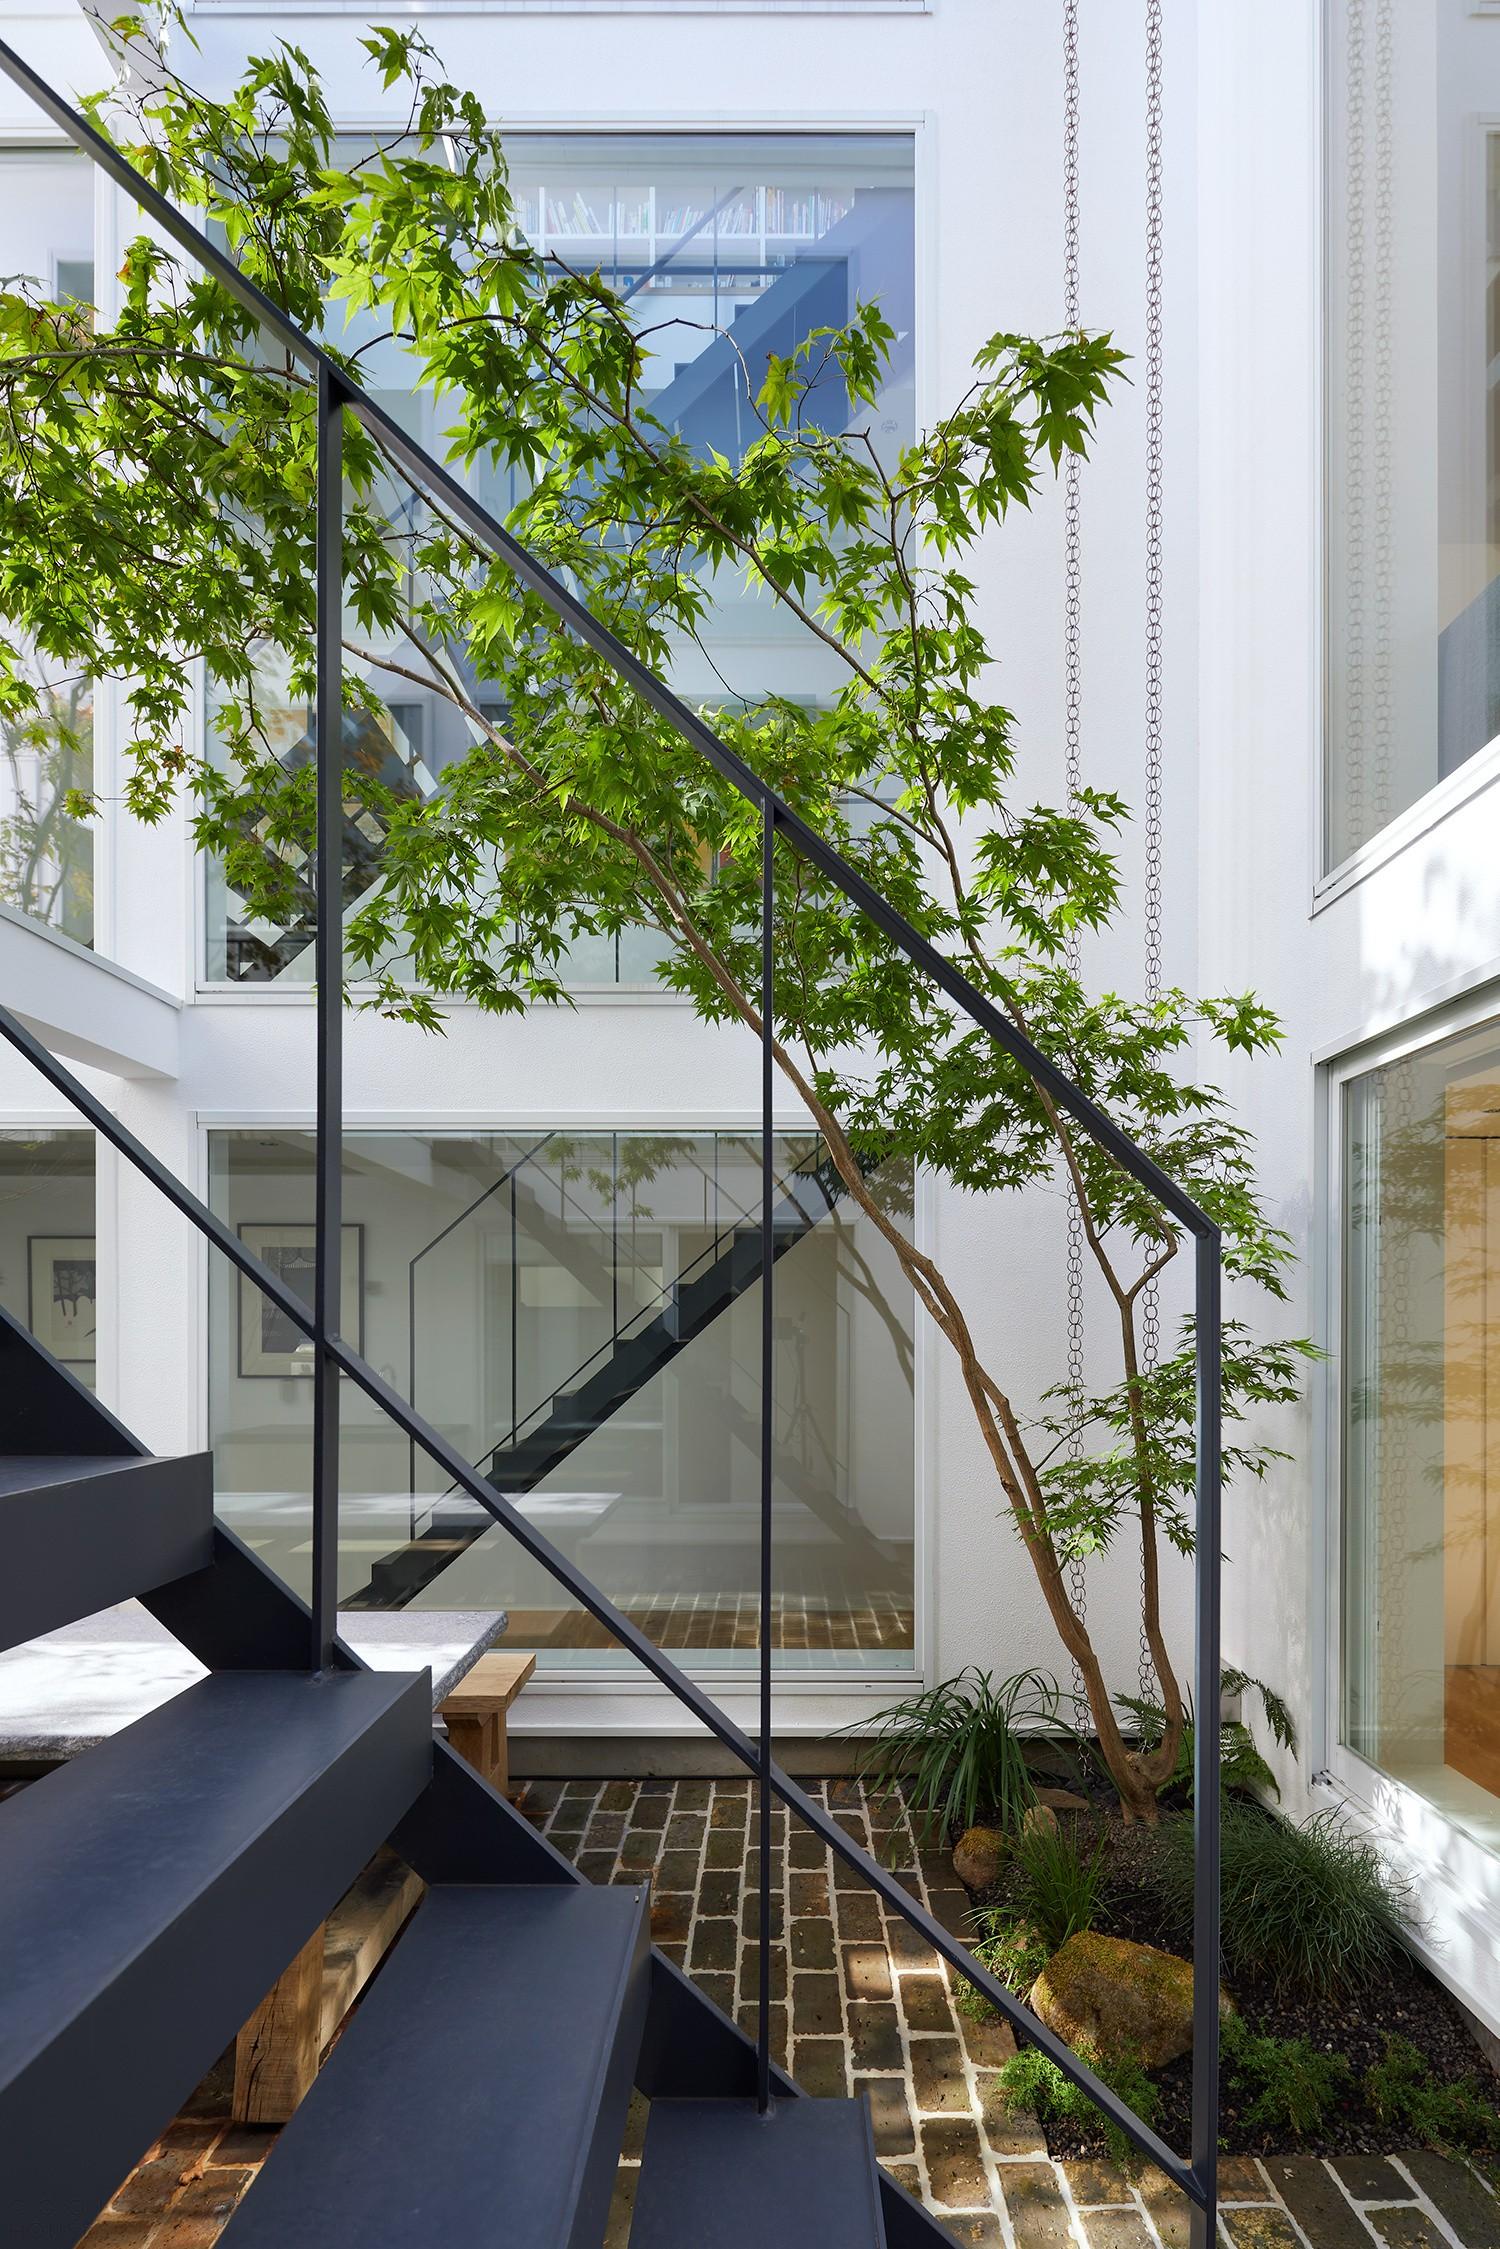 Семейный дом, соединенный двором-атриумом с пышной растительностью и зоной-барбекю